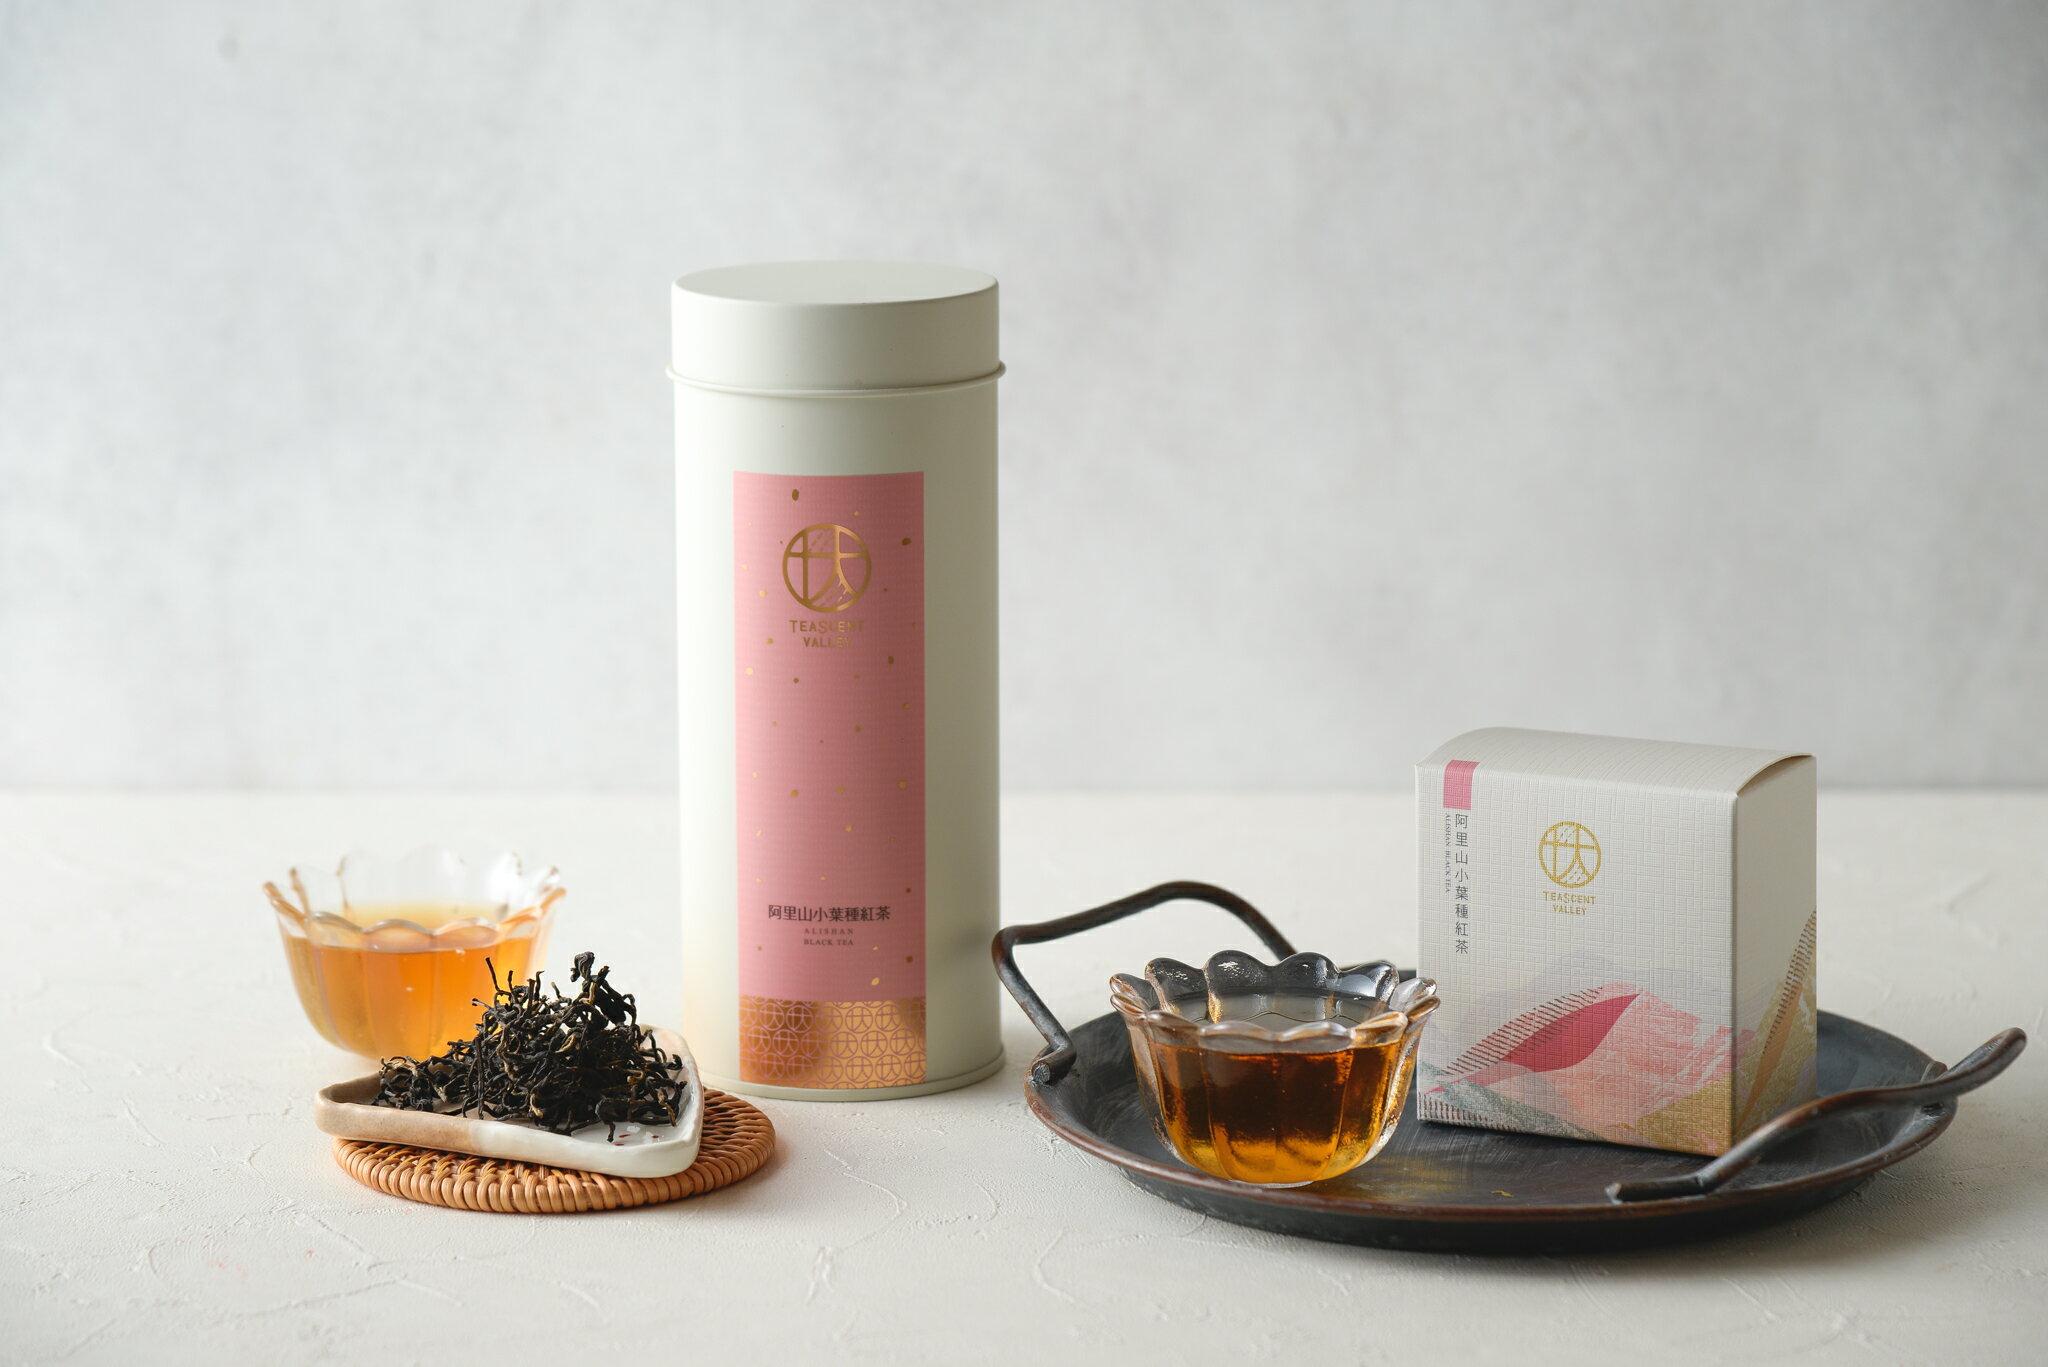 【林韻茶園】手採高山茶葉|阿里山小葉種紅茶 Alishan Black Tea  盒裝/罐裝